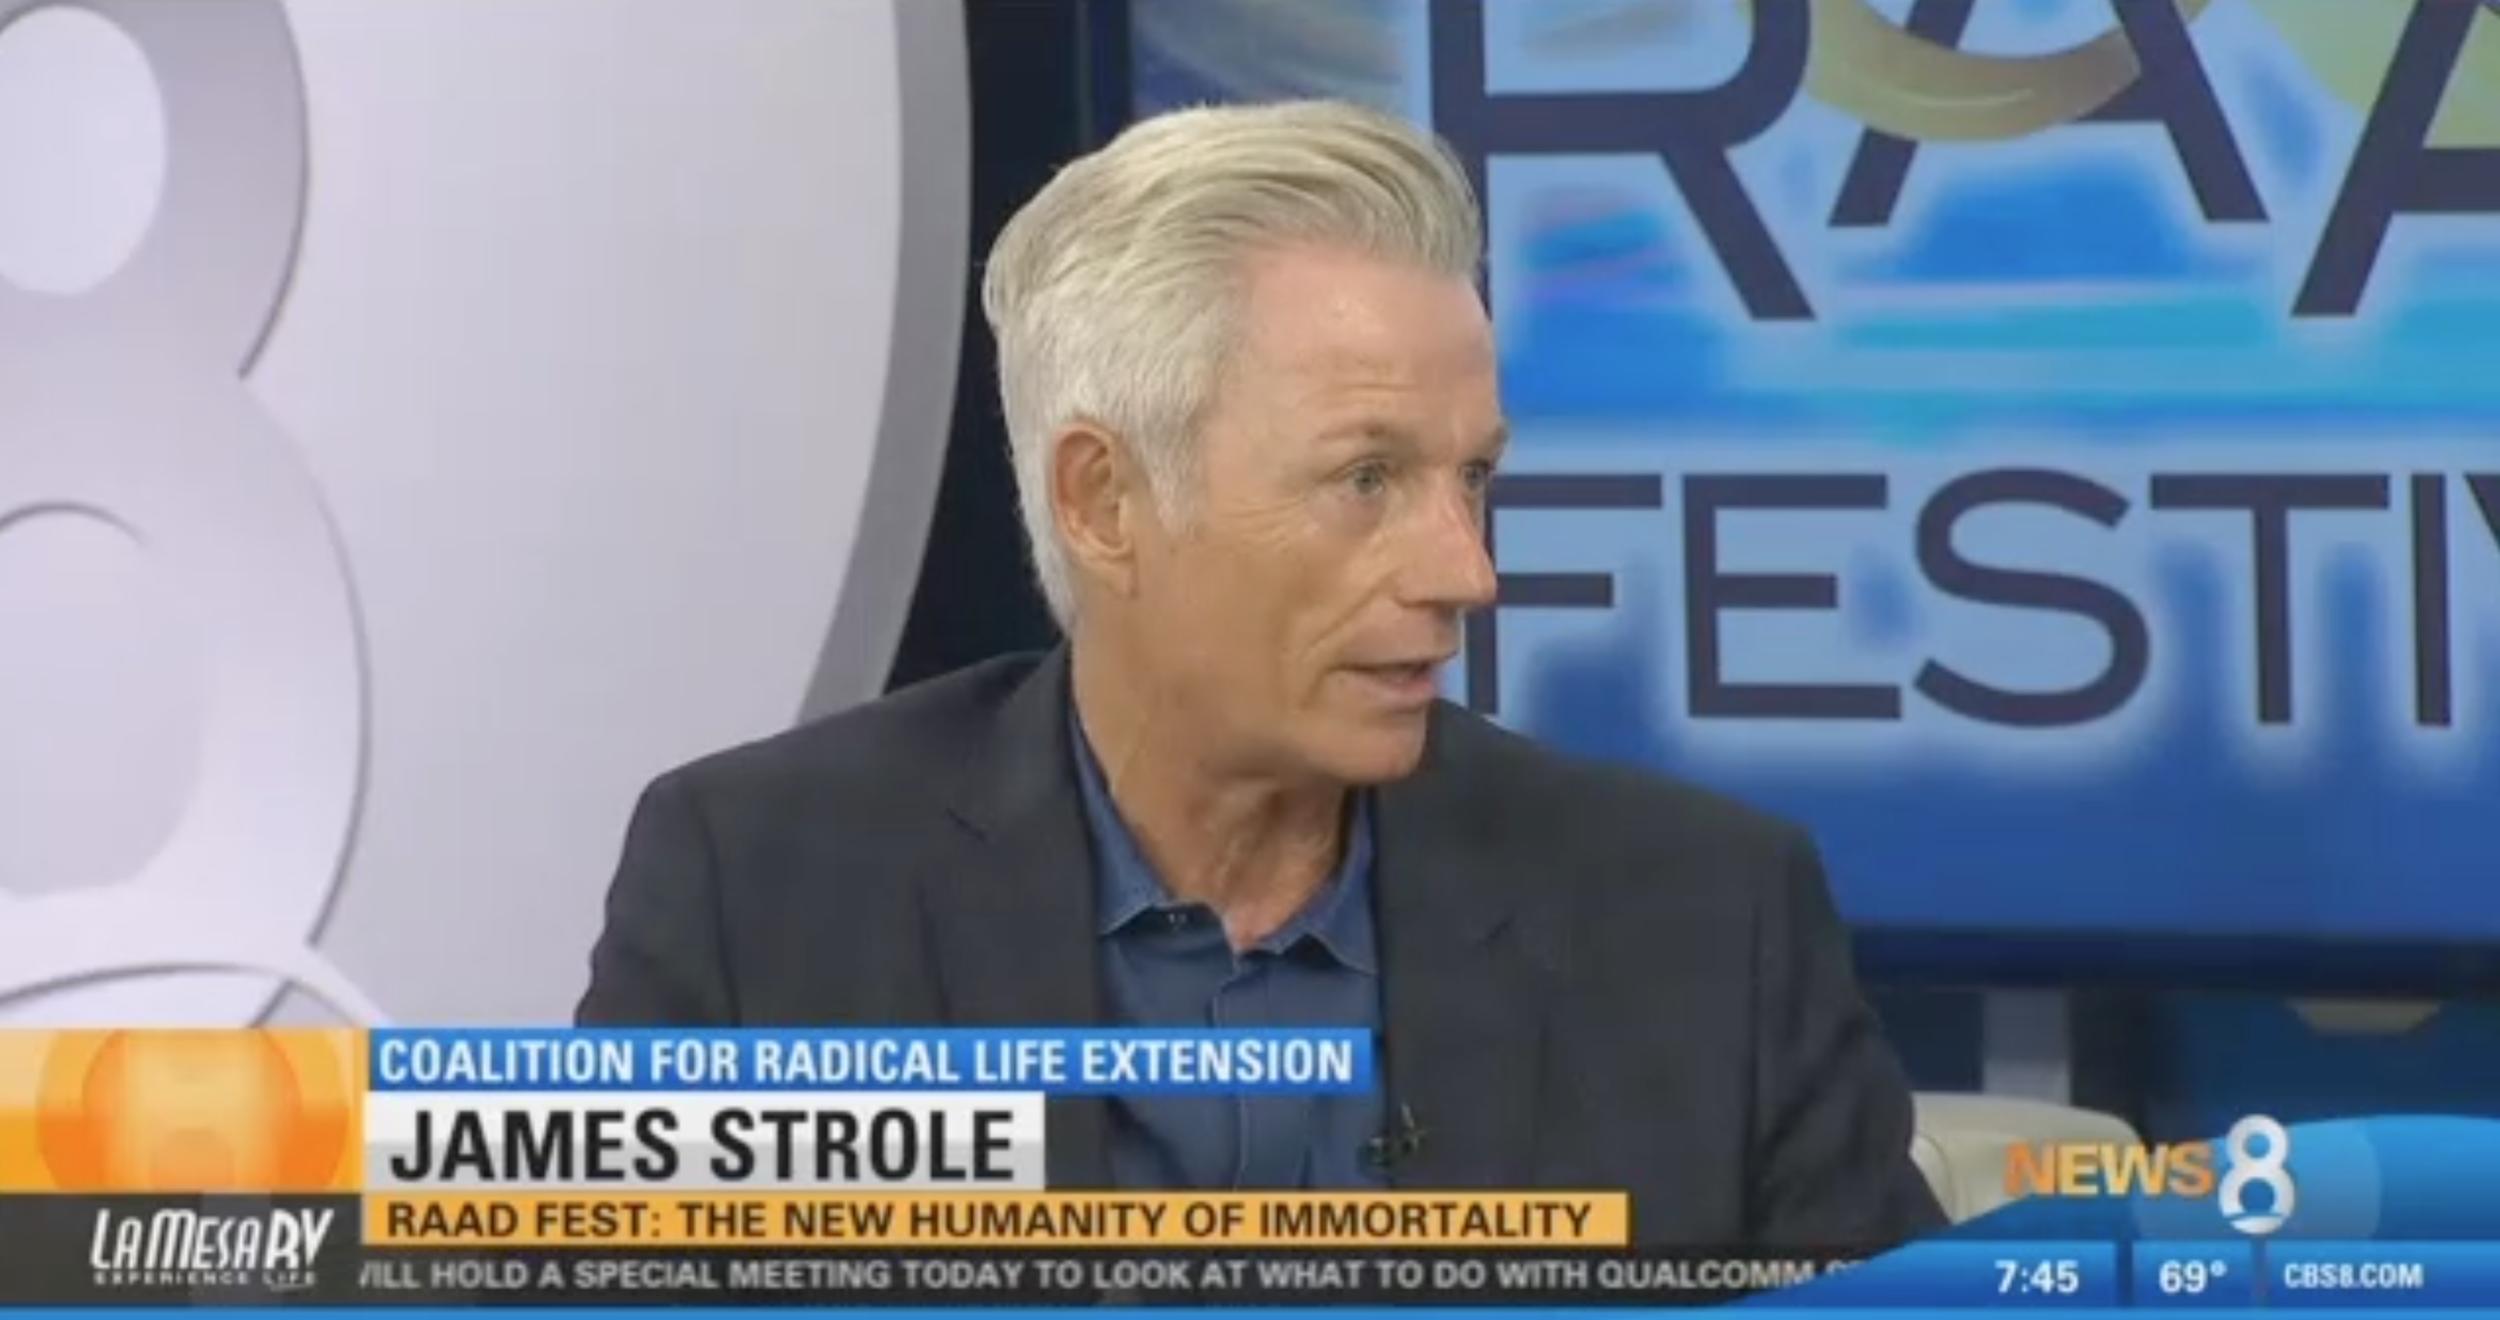 James Strole TV CBS RAADfest People Unlimited